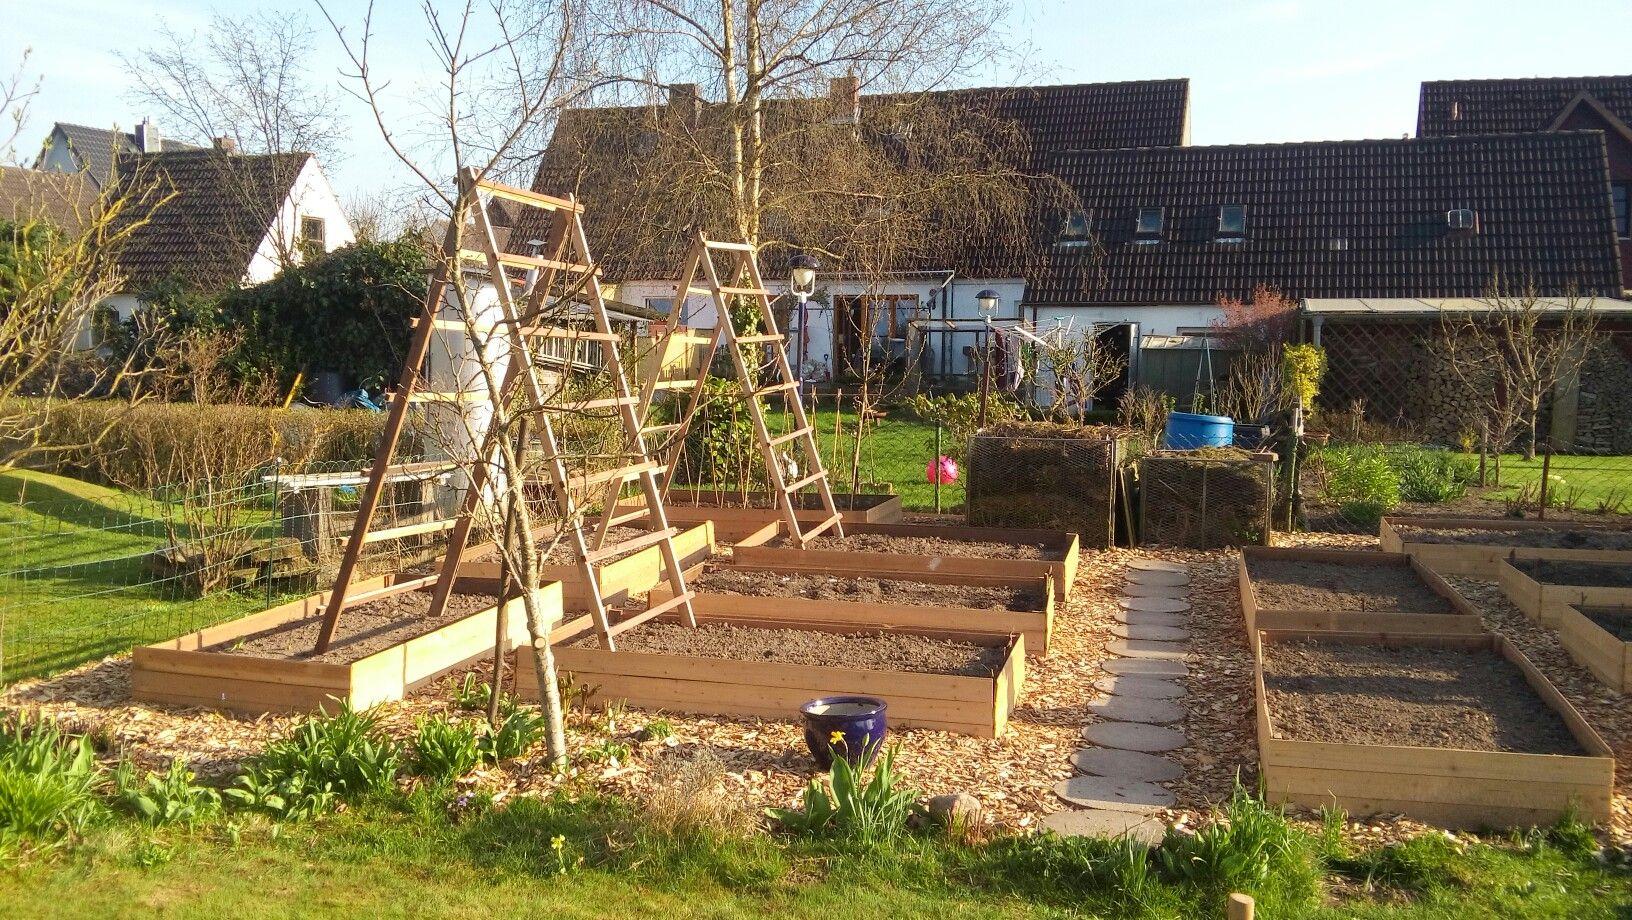 Rahmenbeete Mit Rankhilfen Fur Gurken Und Zucchini Gartengestaltung Rankhilfe Garten